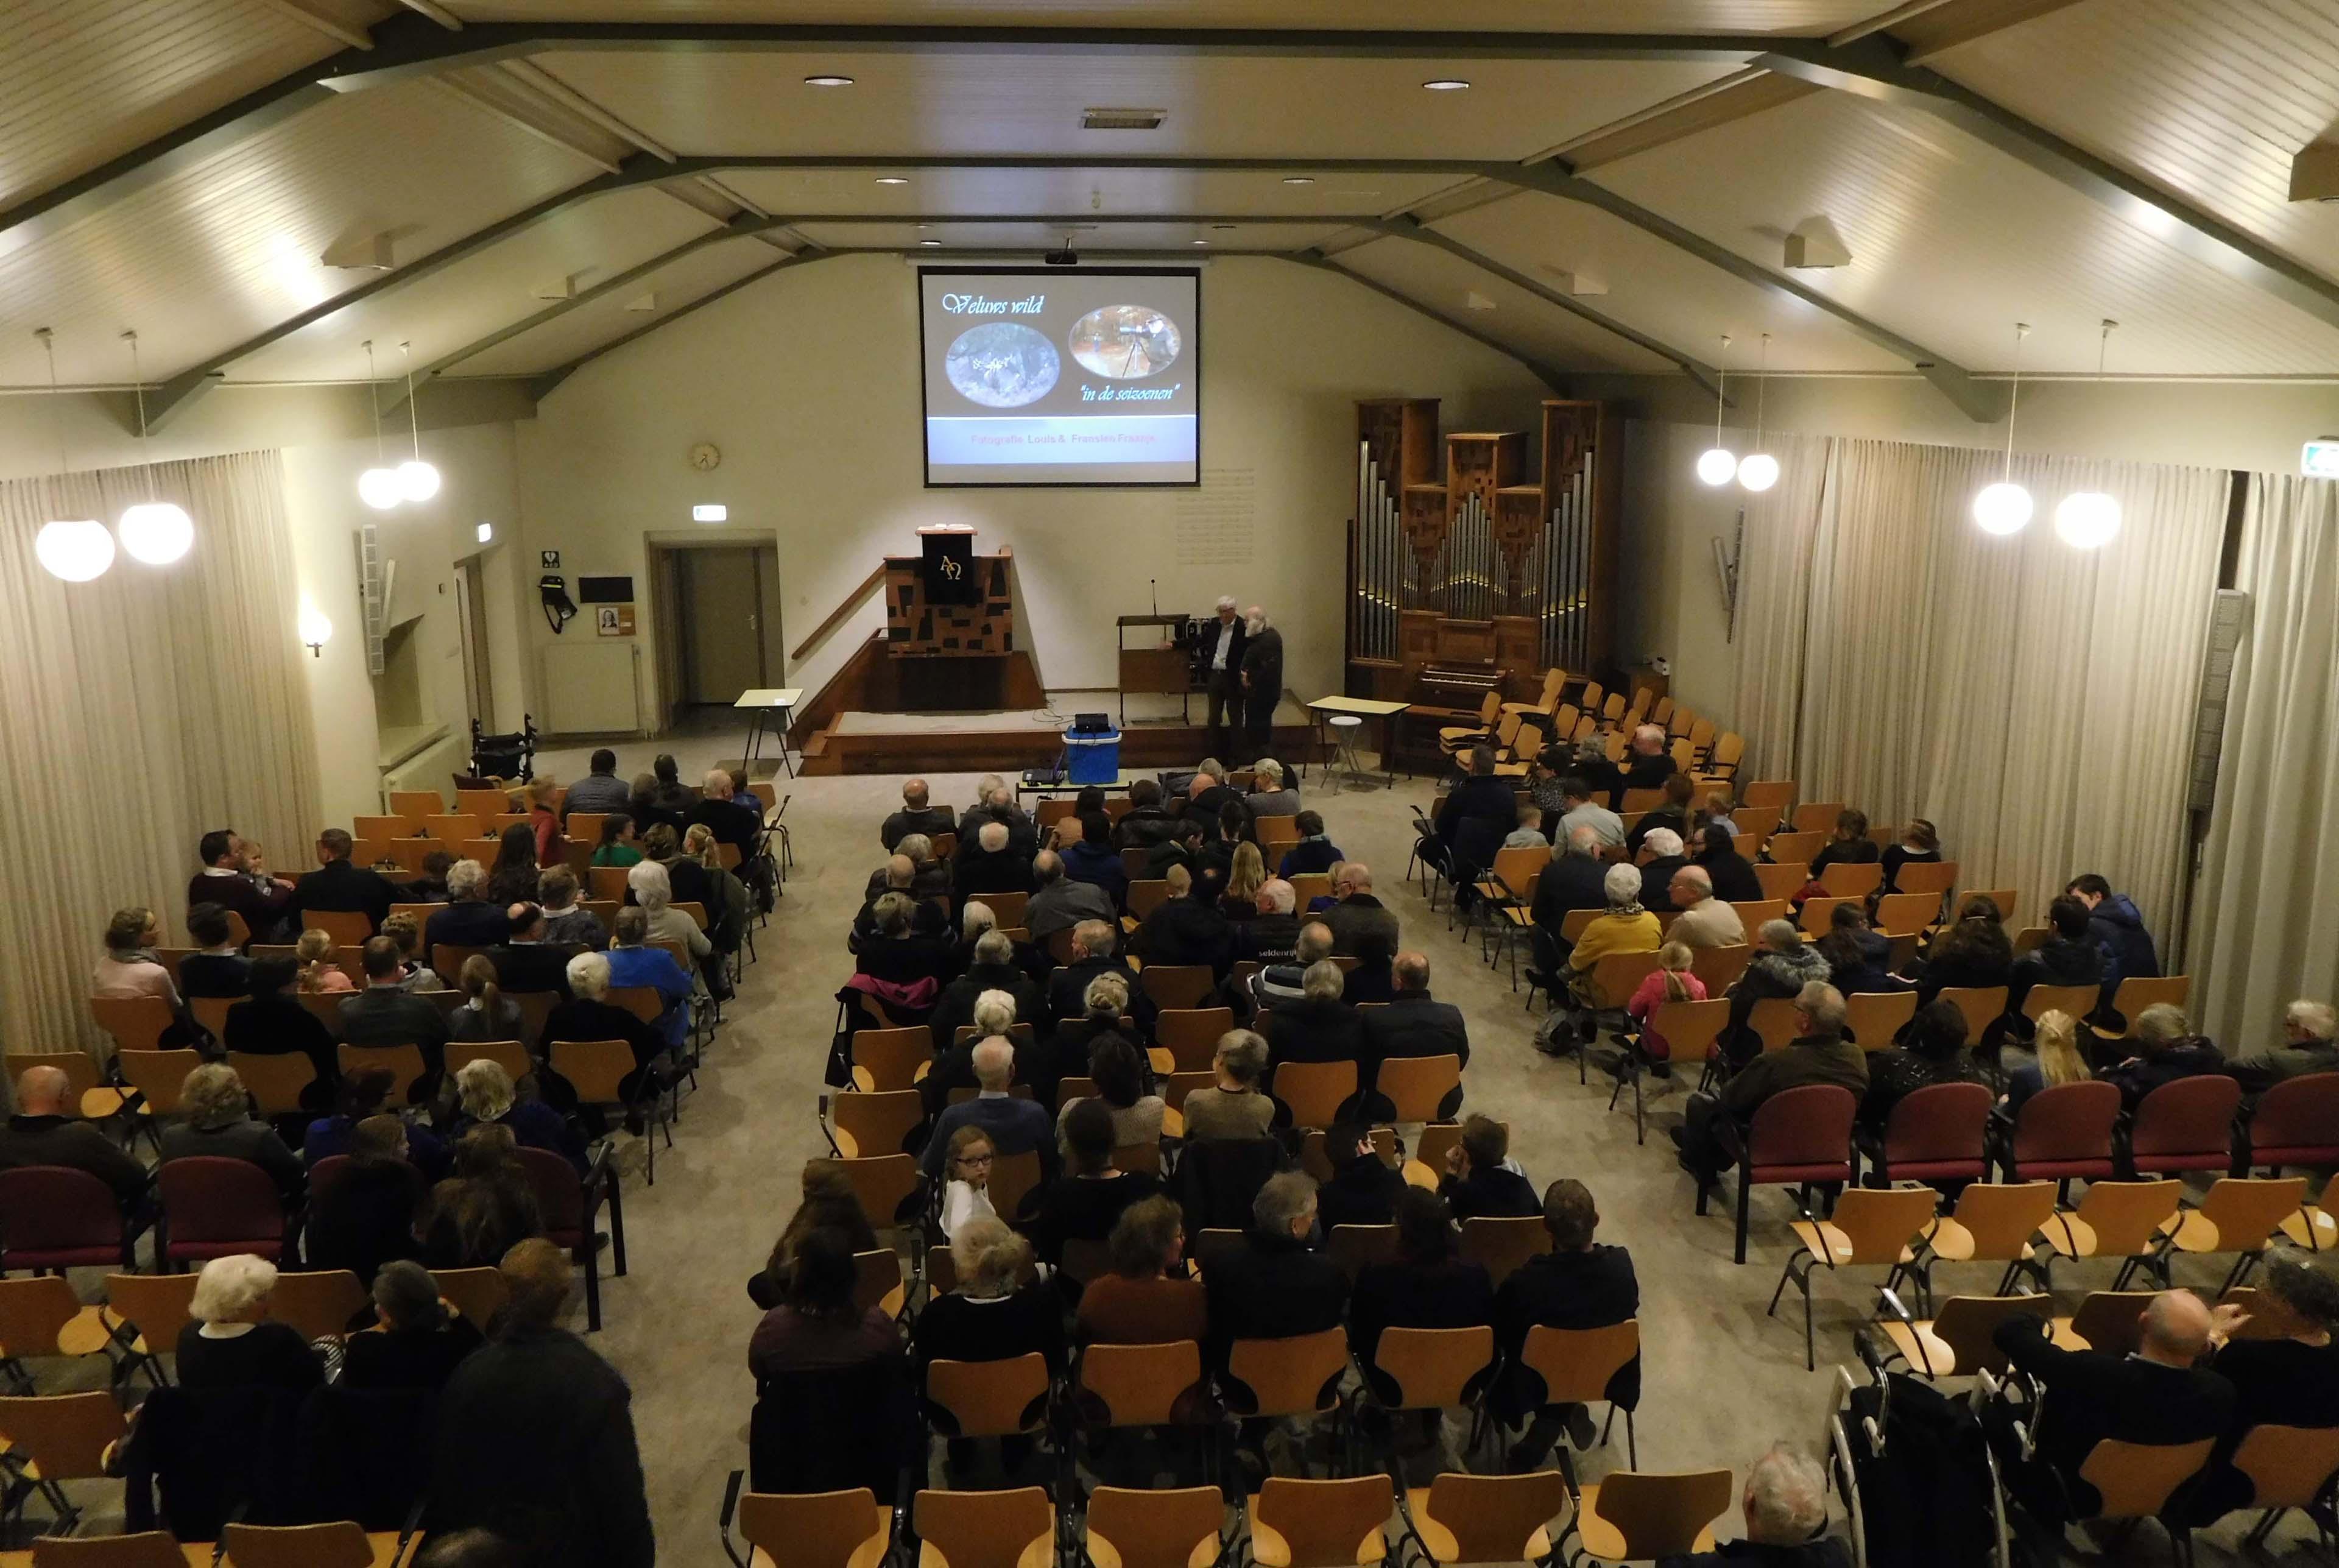 Een bijna volle kerkzaal voor de lezing over de Veluwe - Foto: ©Fransien Fraanje